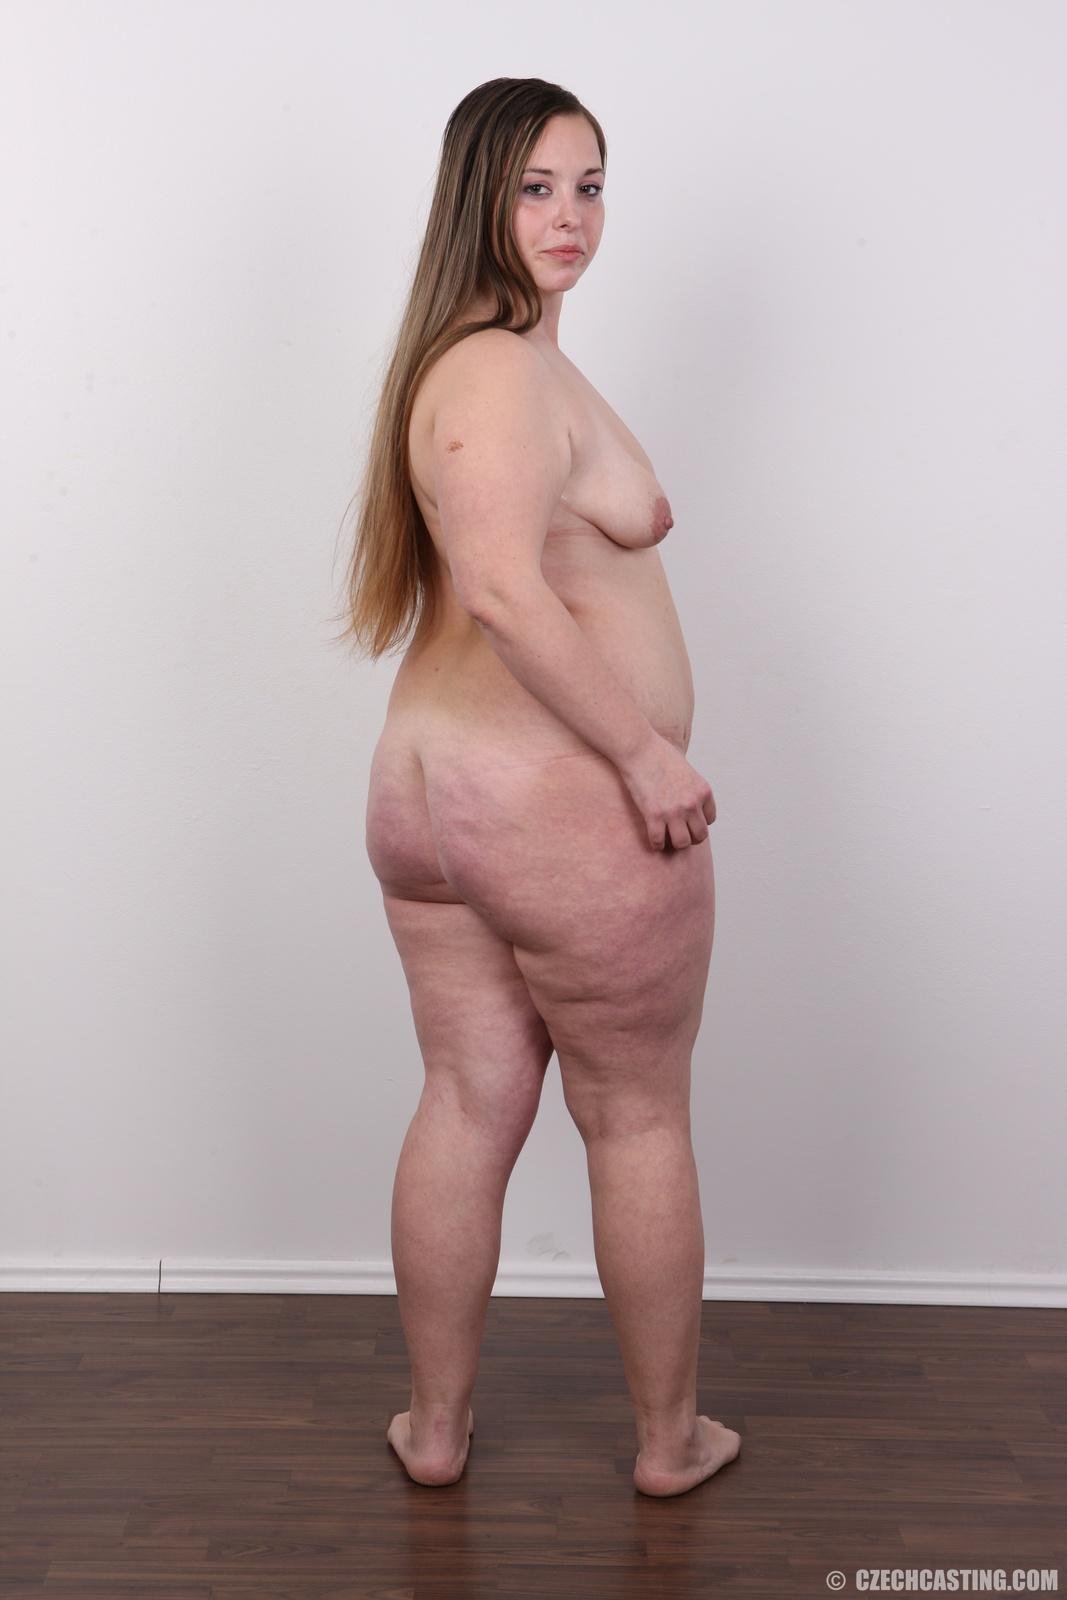 толстая на кастинге онлайн меня есть фотография